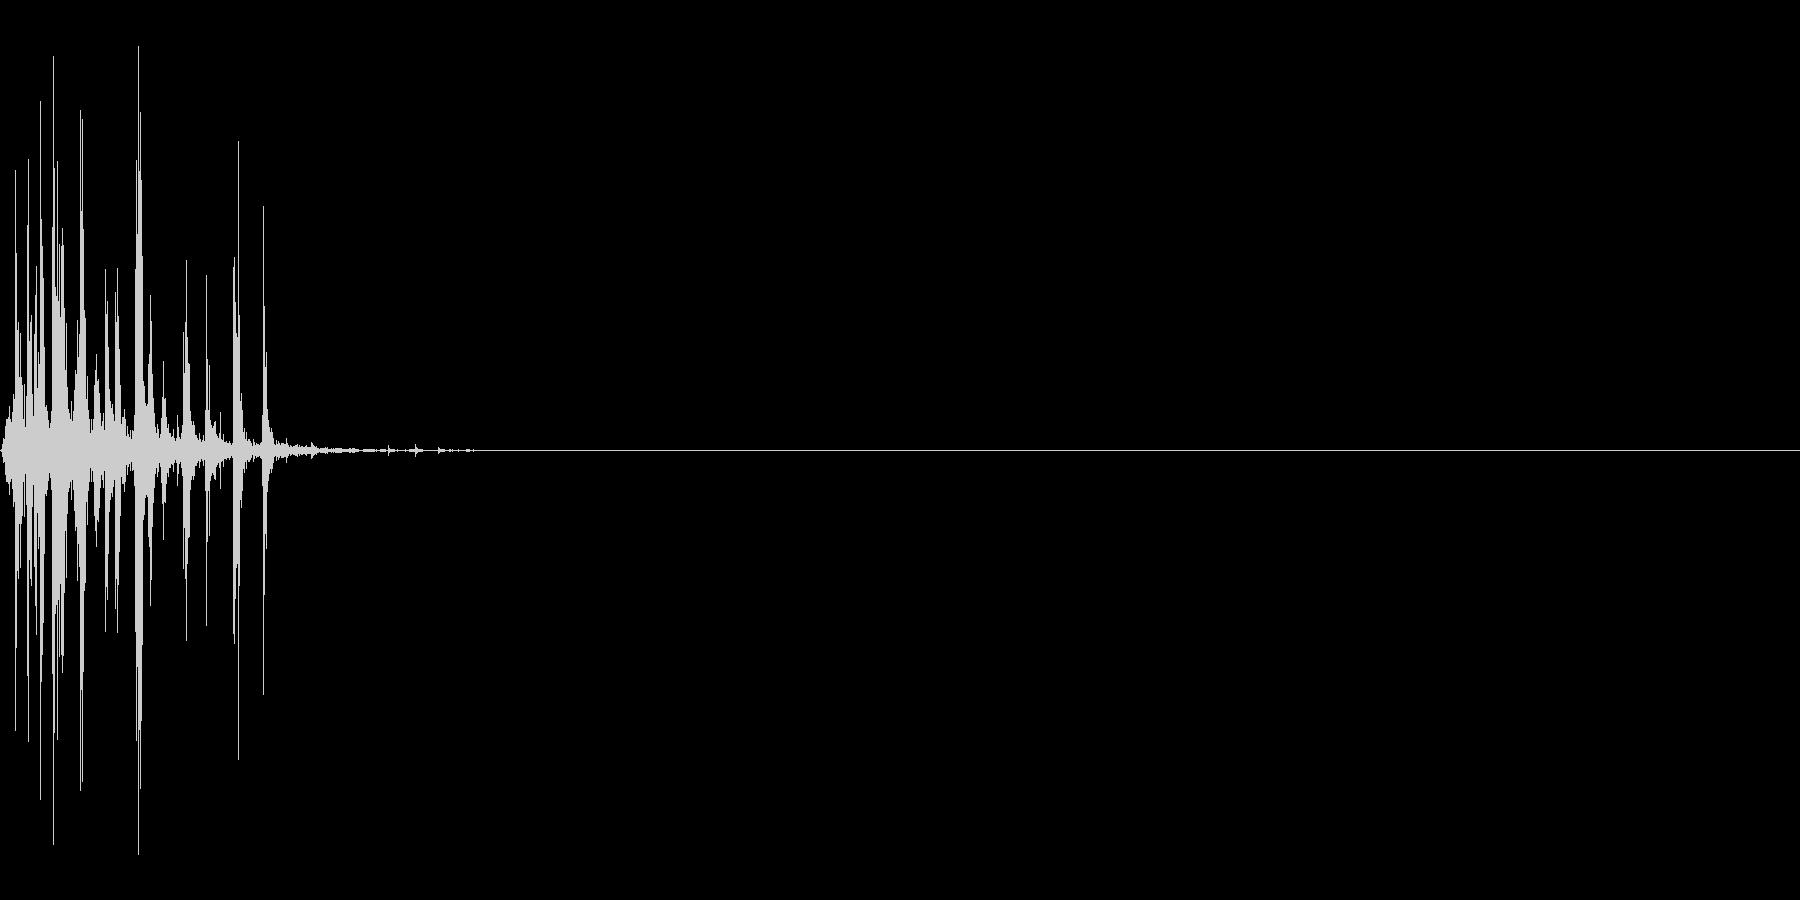 ベジタブルクランチショートドライツイストの未再生の波形